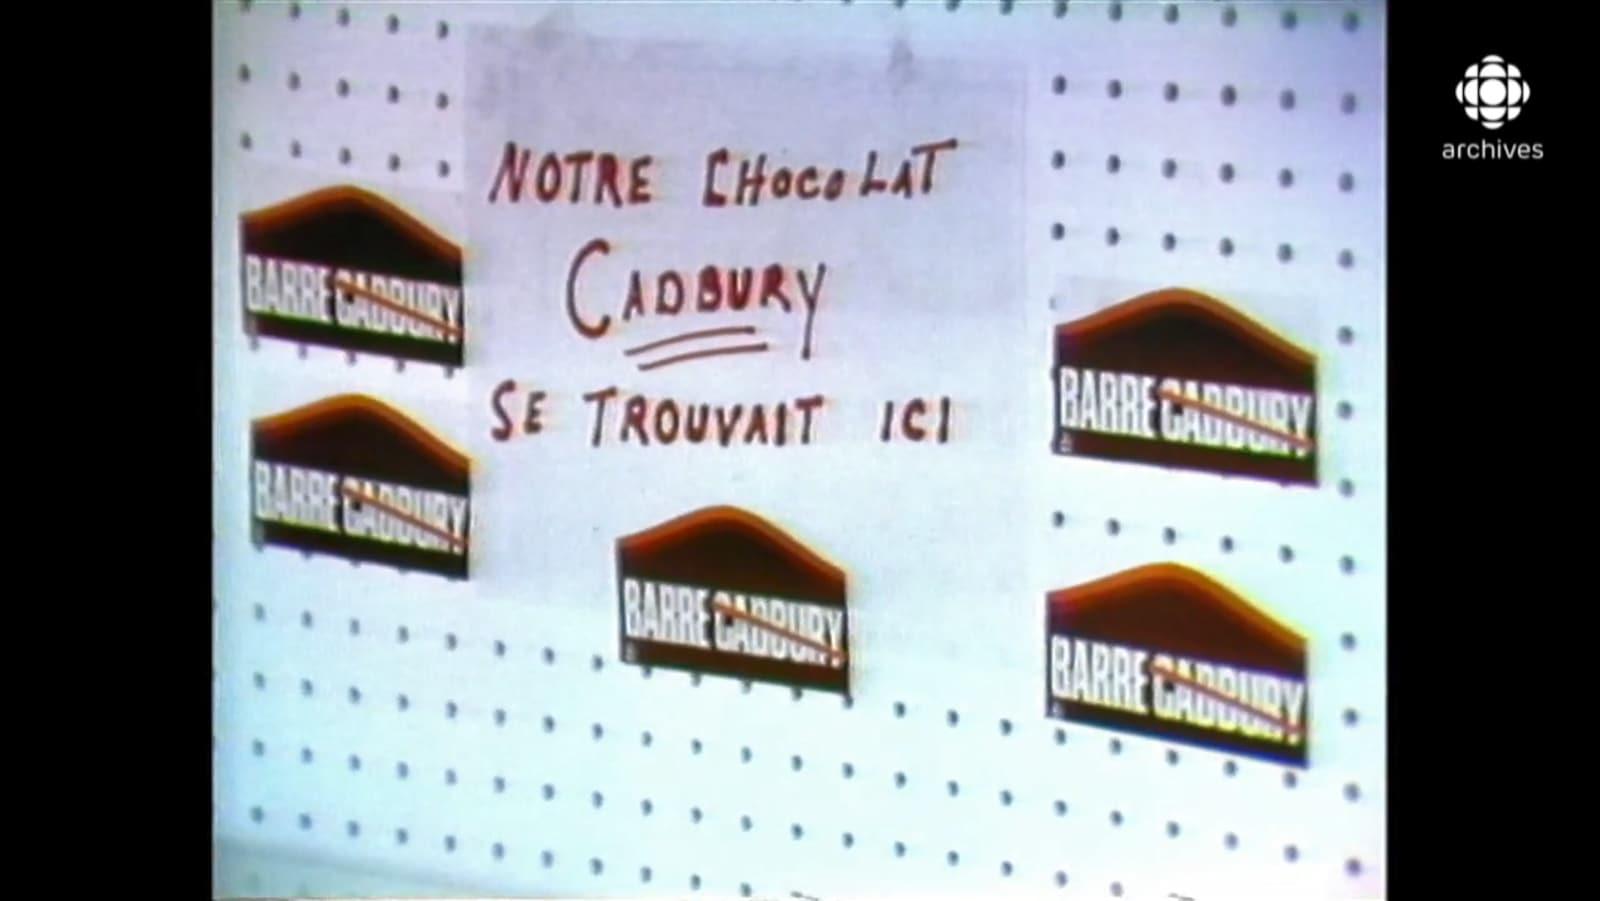 Étagère vide avec des autocollants de la campagne « On barre Cadvury » et une enseigne indiquant « Notre chocolat Cadbury se trouvait ici ».